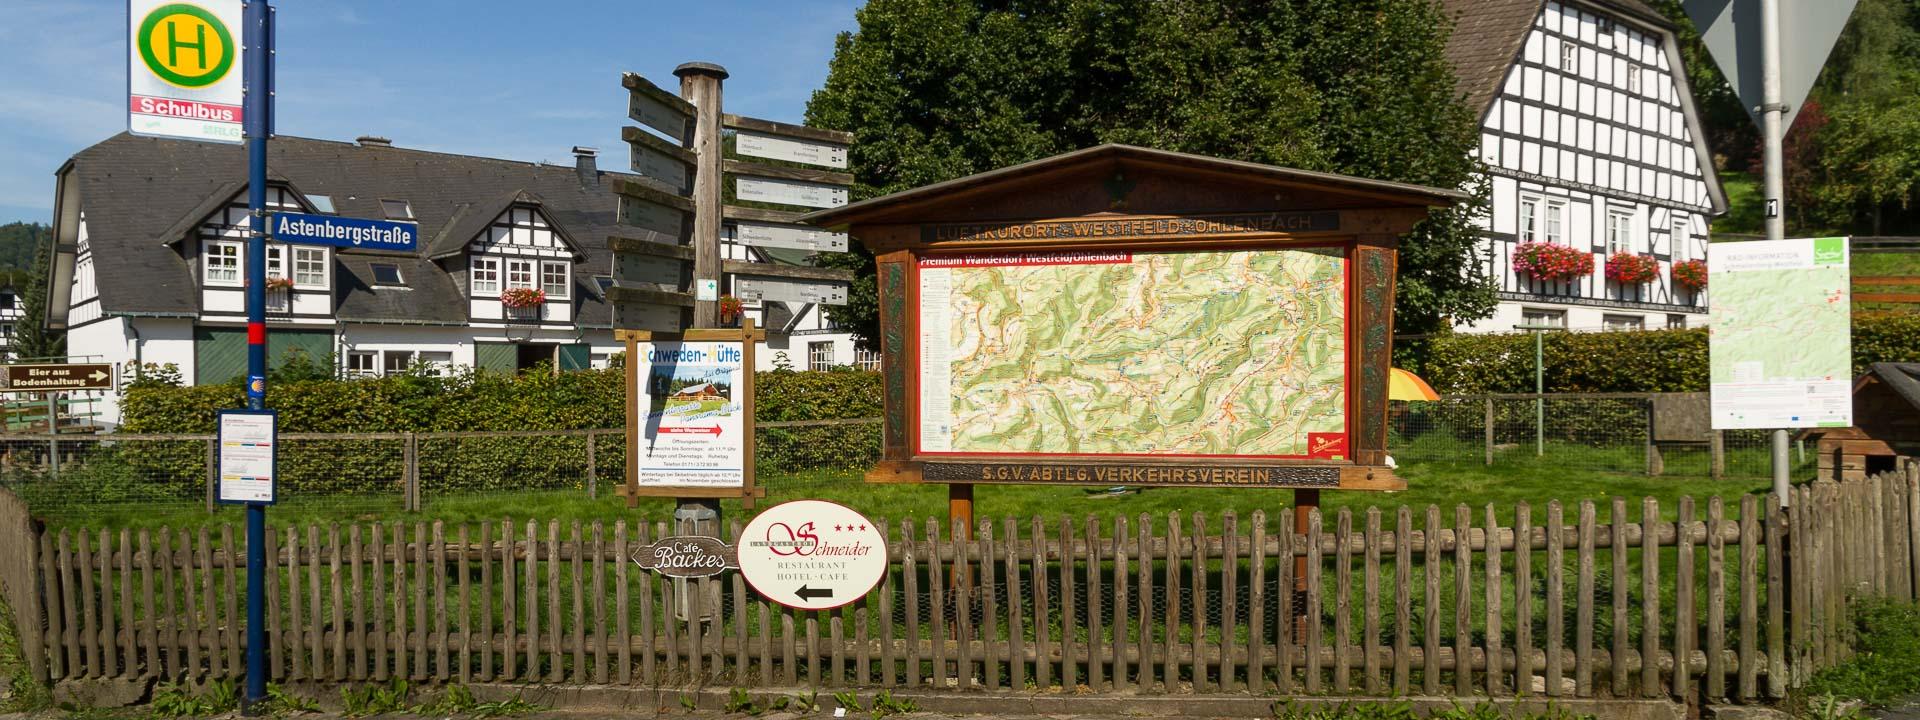 Wandertafel in Westfeld, nahe der St.Blasius Kirche